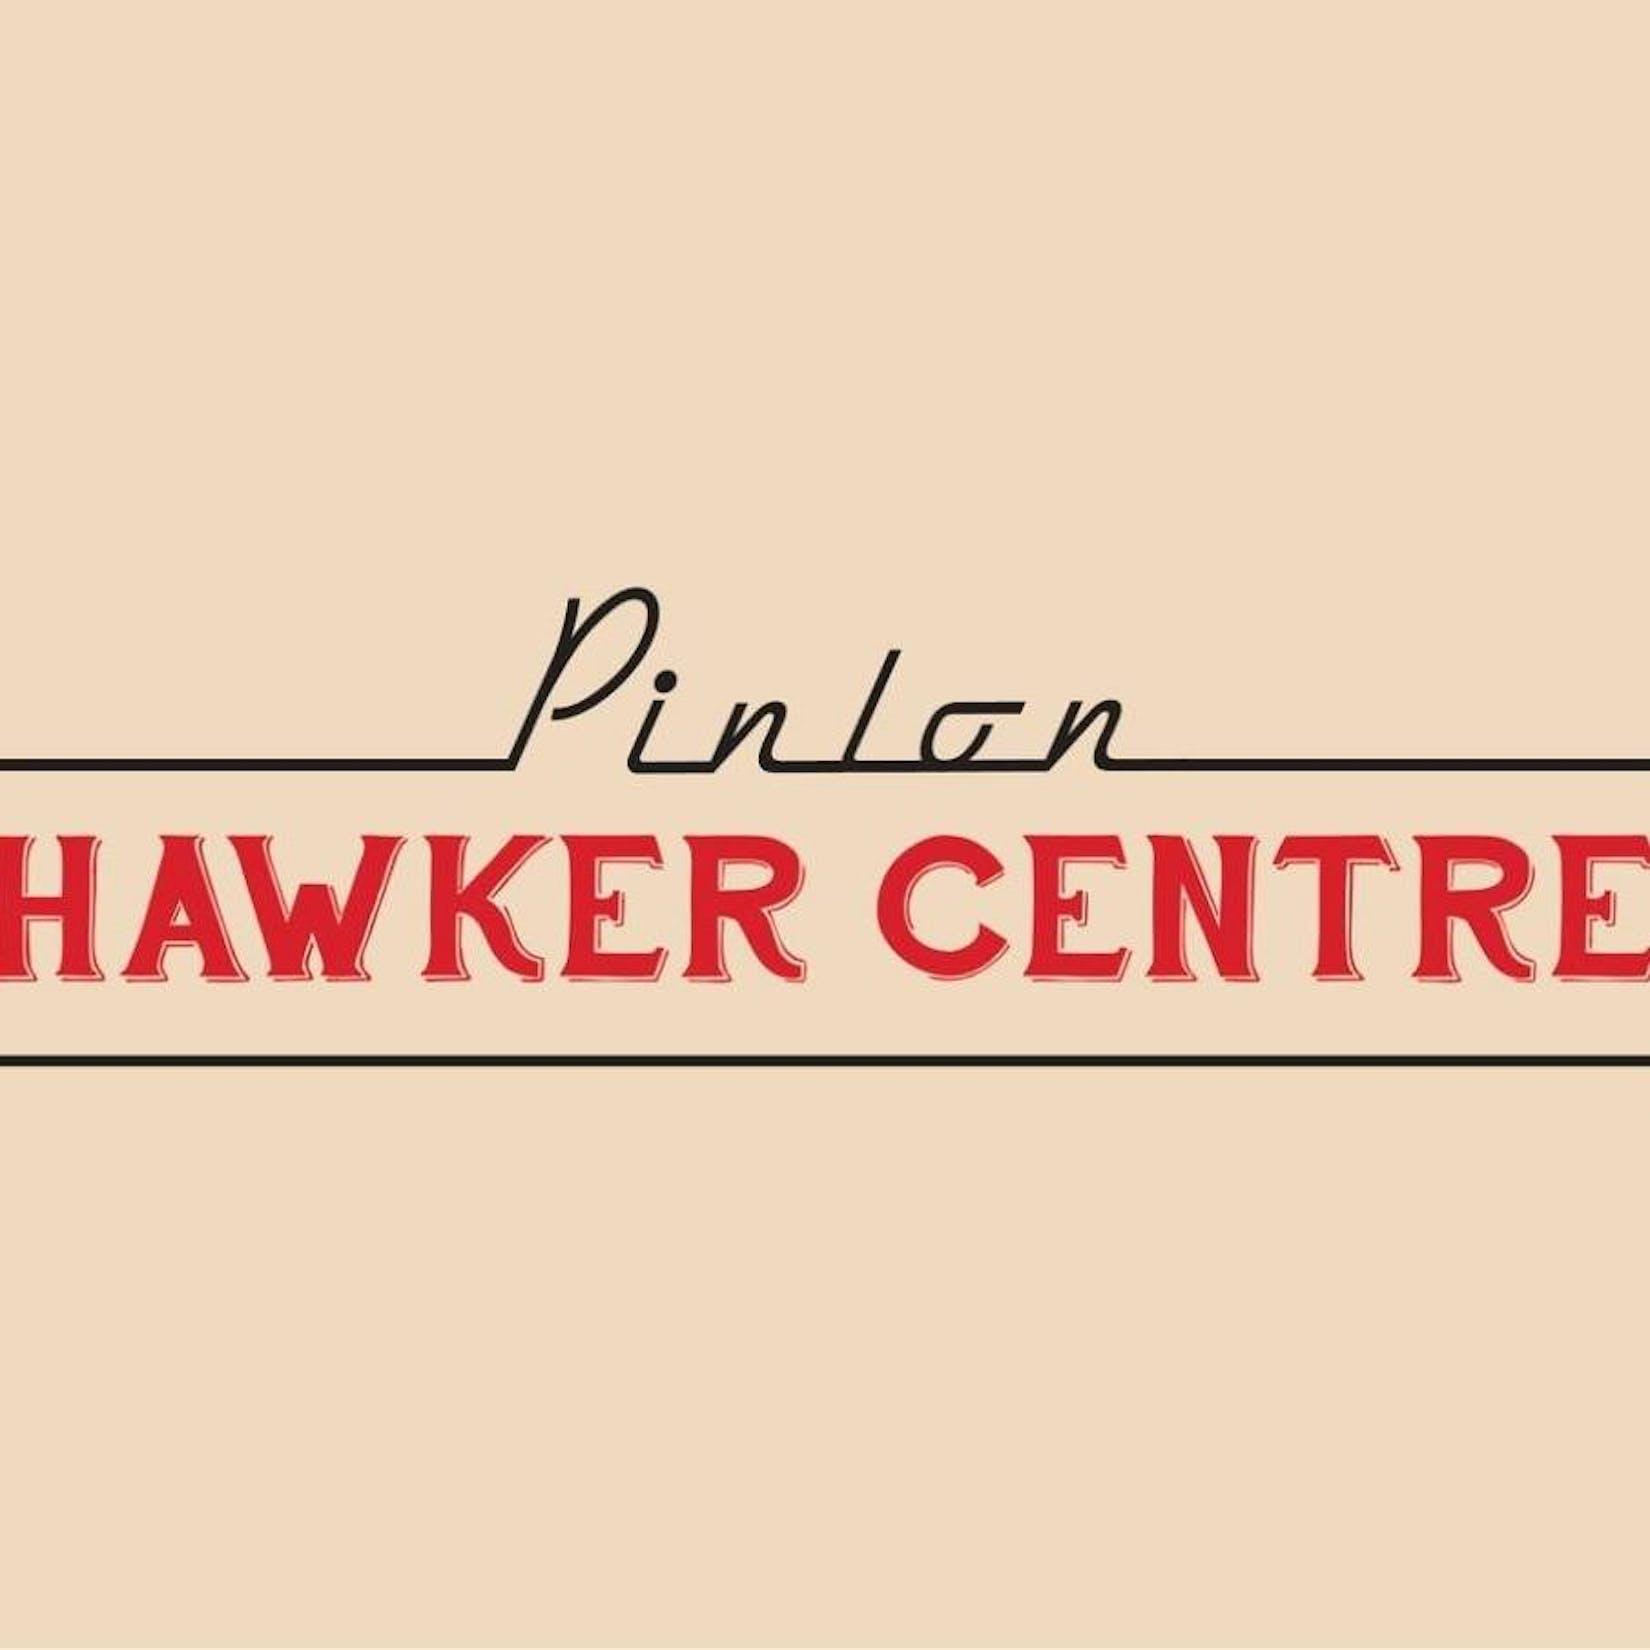 Pinlon Hawker Centre | yathar